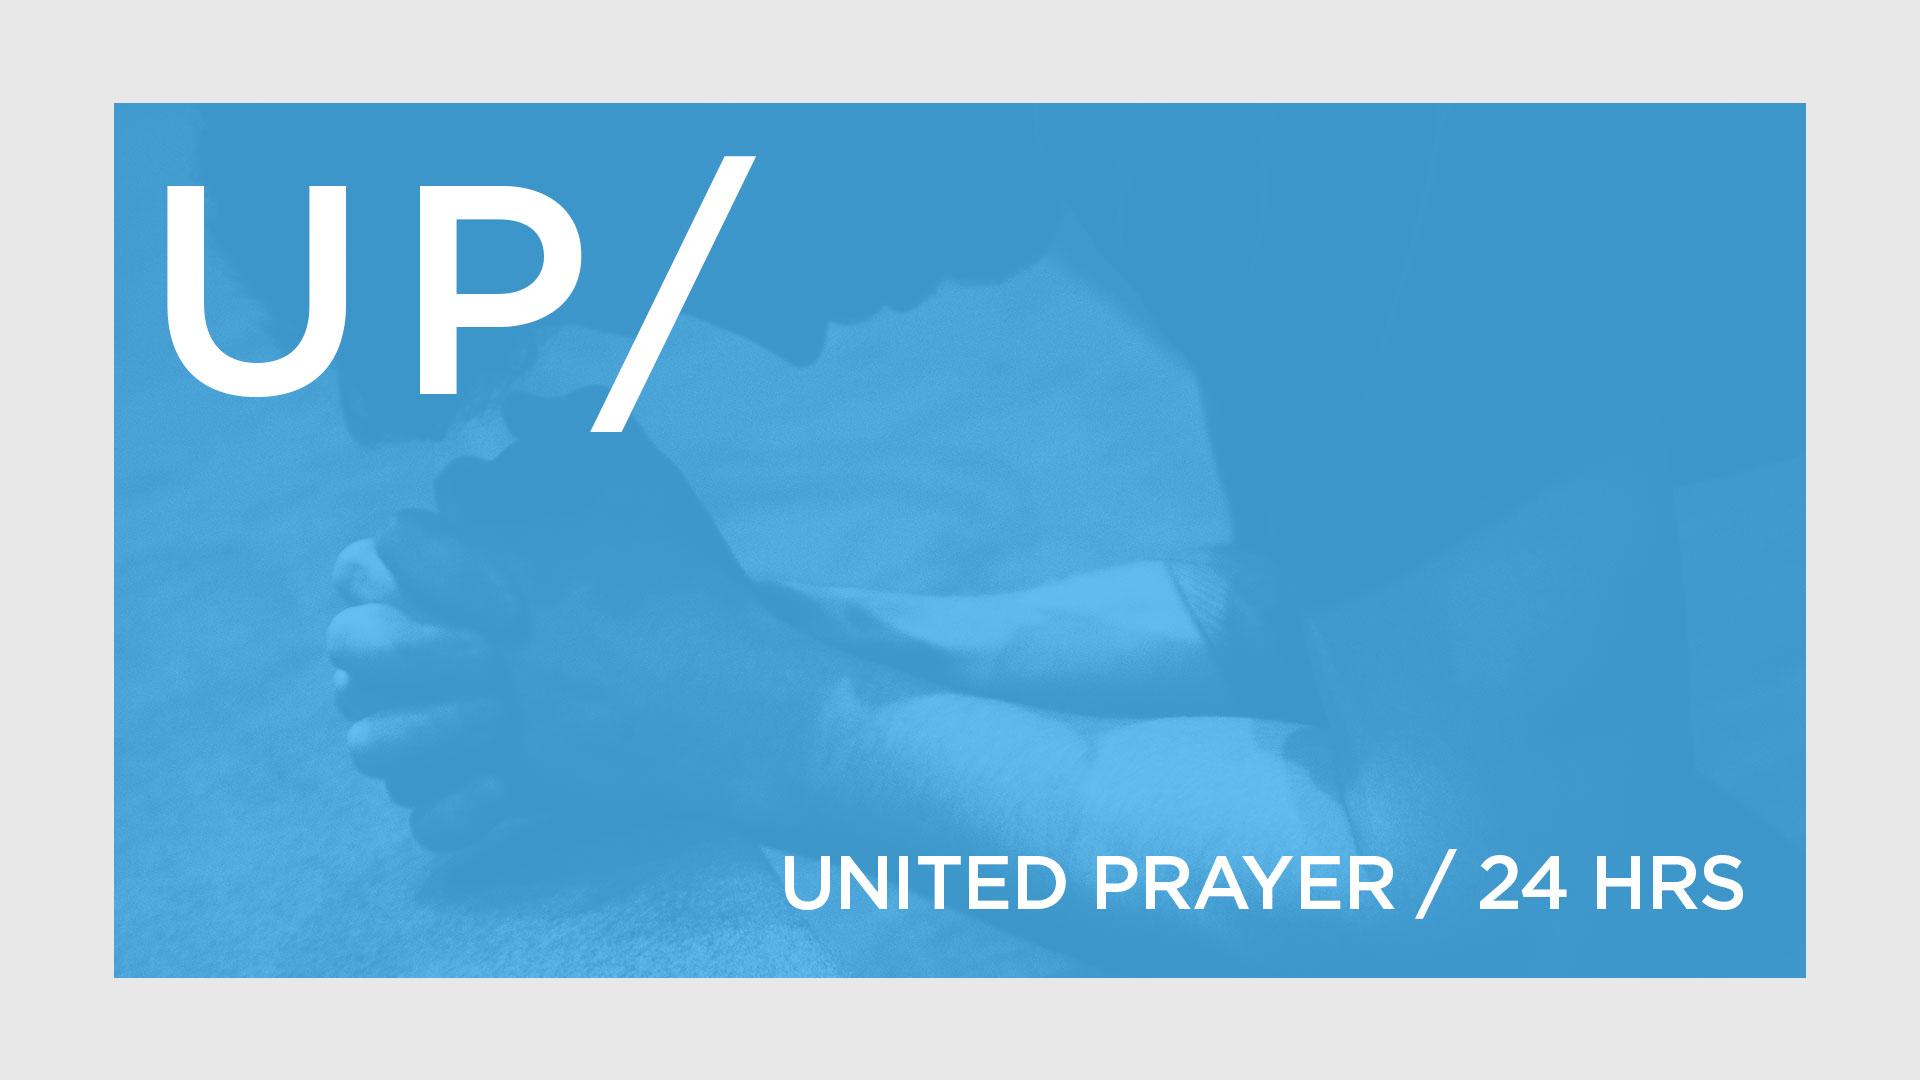 UP-Registration-Image.jpg